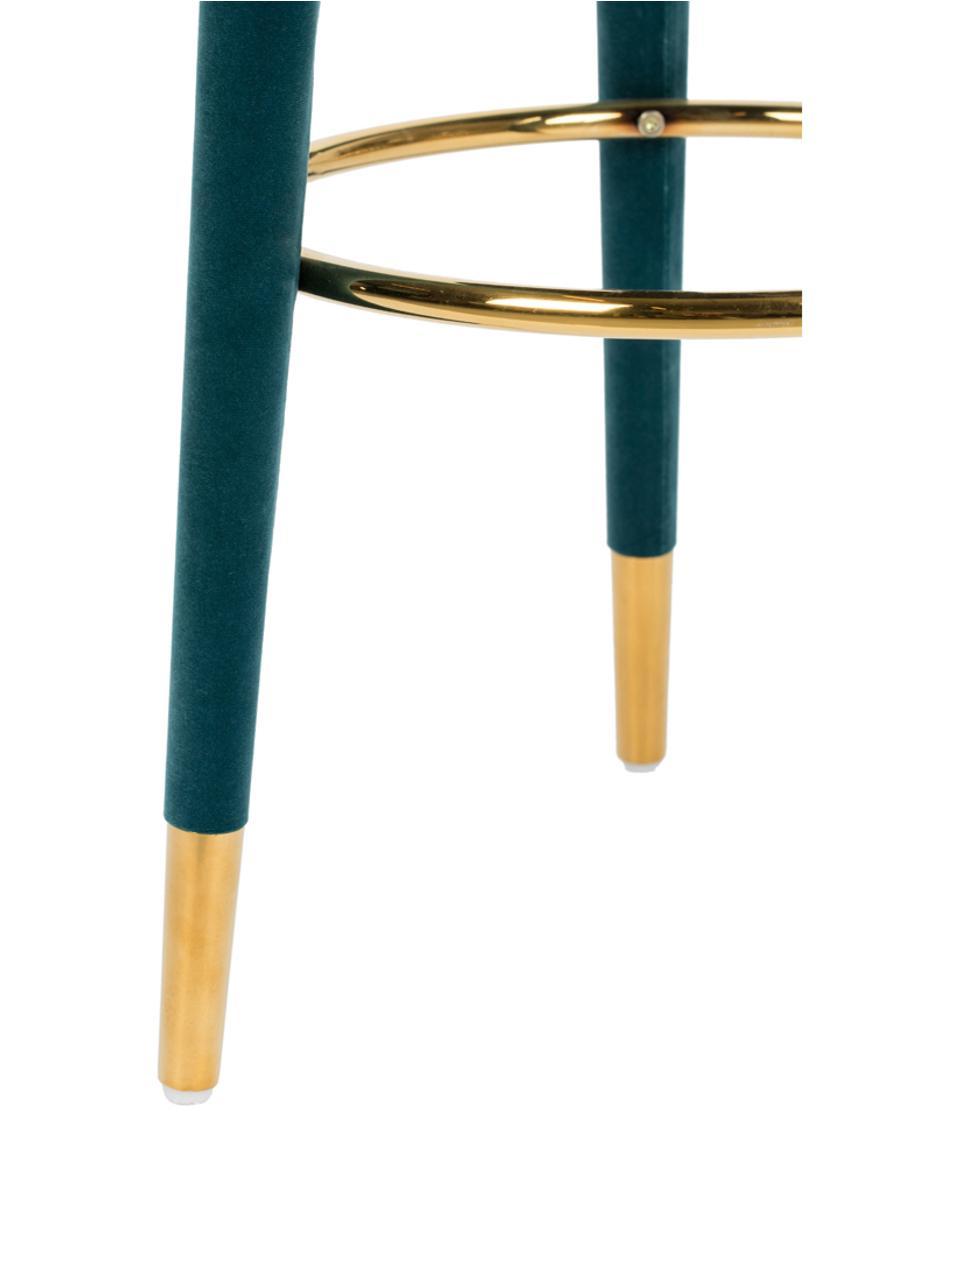 Samt-Barhocker I Am Not A Macaron, Bezug: Polyestersamt 30.000 Sche, Gestell: Gummibaumholz mit Samtübe, Blau, Ø 41 x H 78 cm